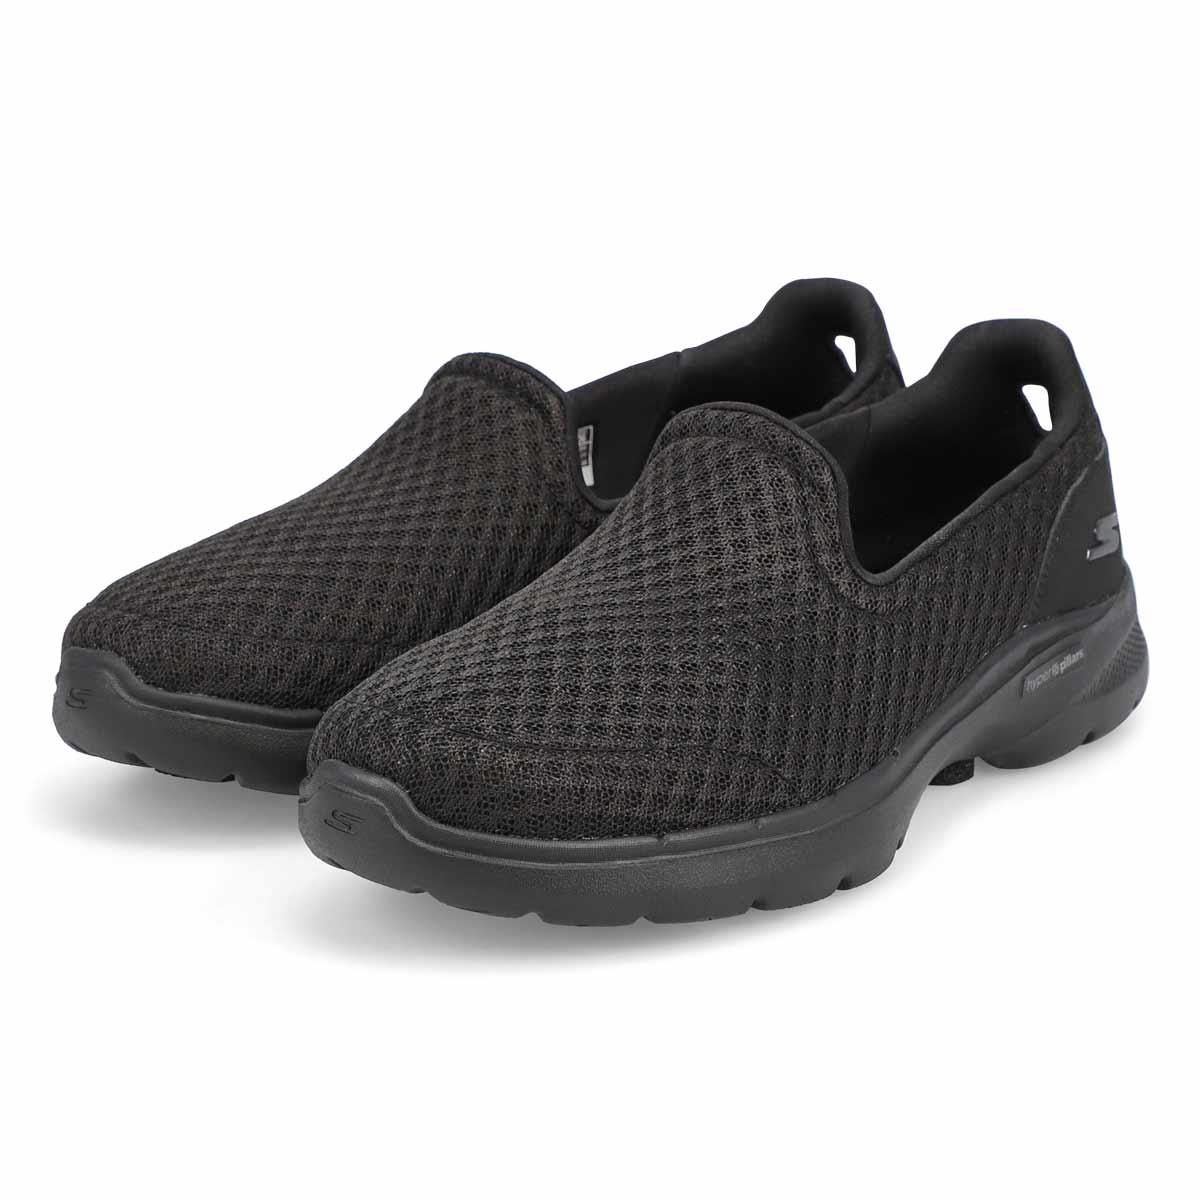 Women's Go Walk 6 Slip On Sneaker - Black